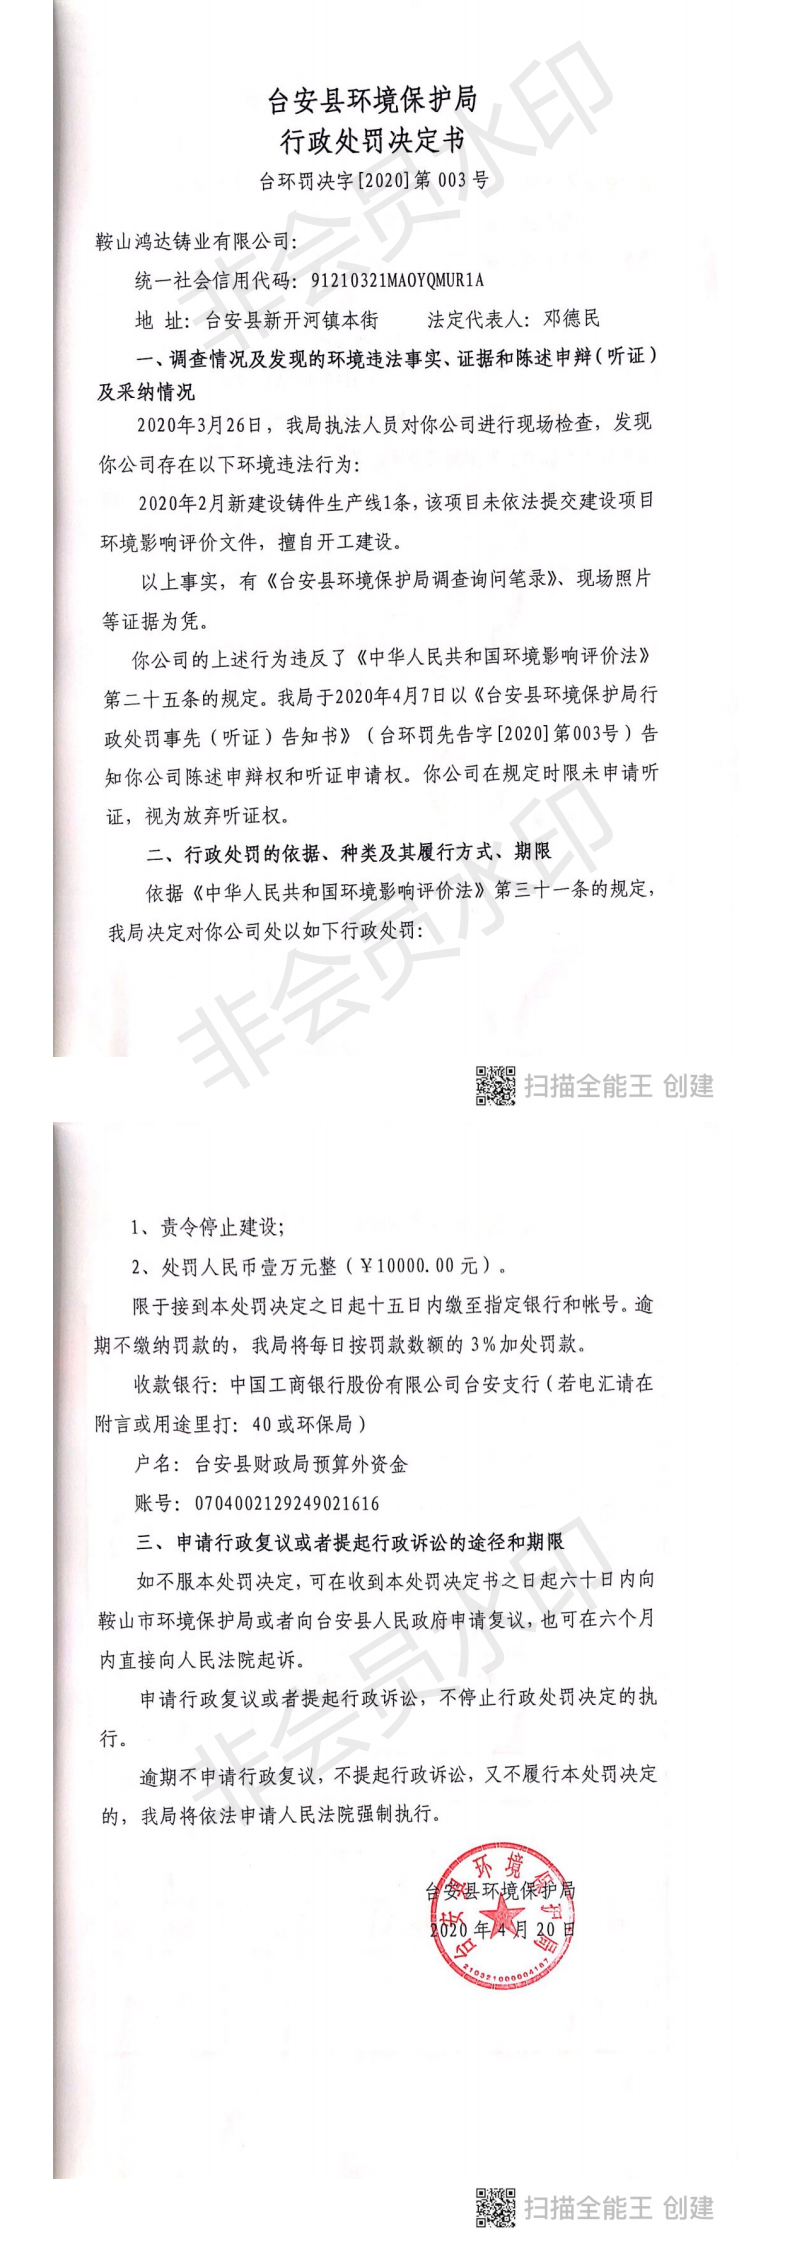 鞍山鸿达铸业有限公司行政处罚决定书_0.png